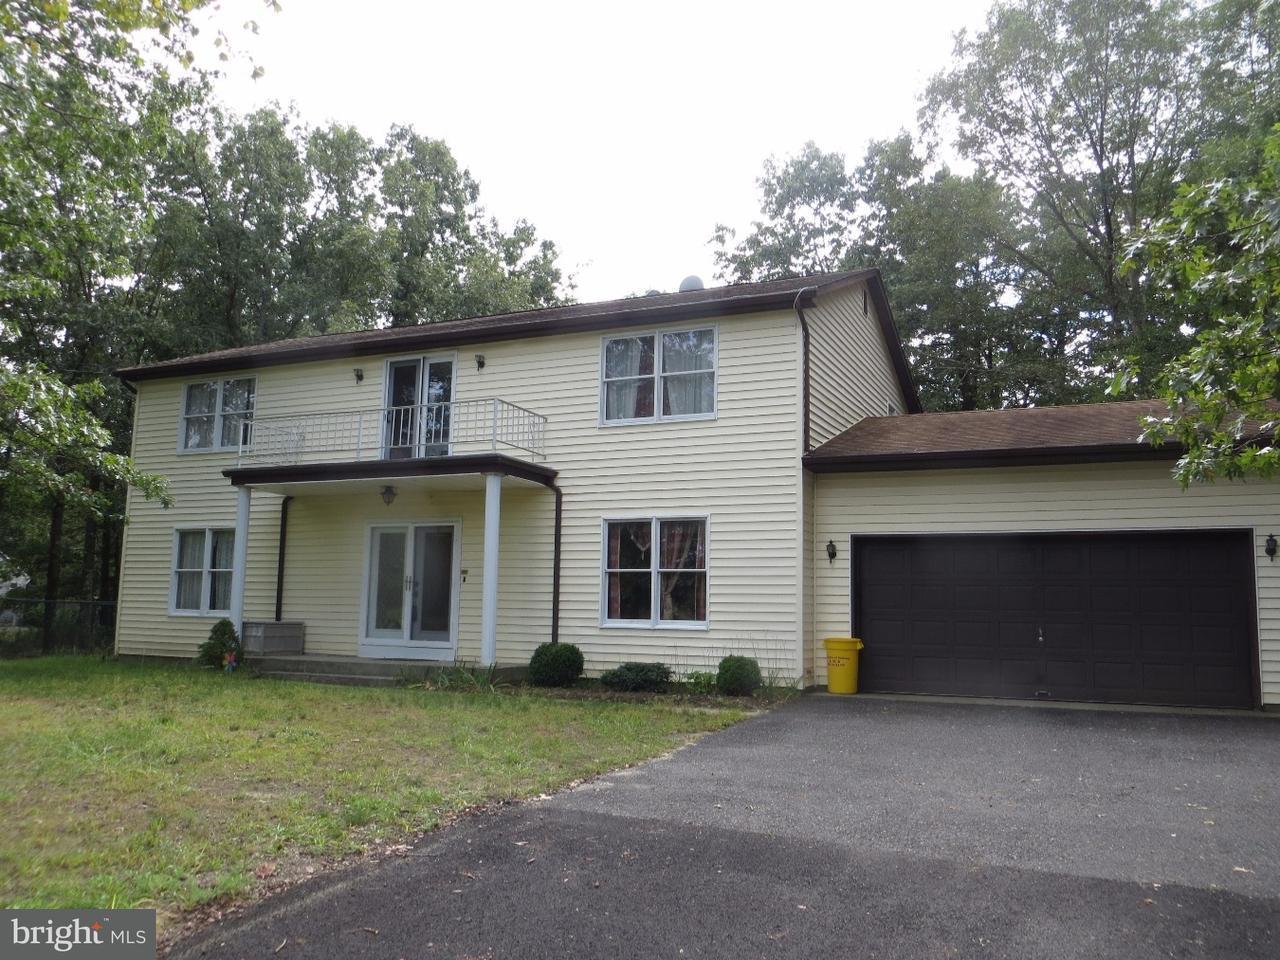 Частный односемейный дом для того Продажа на 718 E VETERANS HWY Jackson Township, Нью-Джерси 08527 Соединенные Штаты